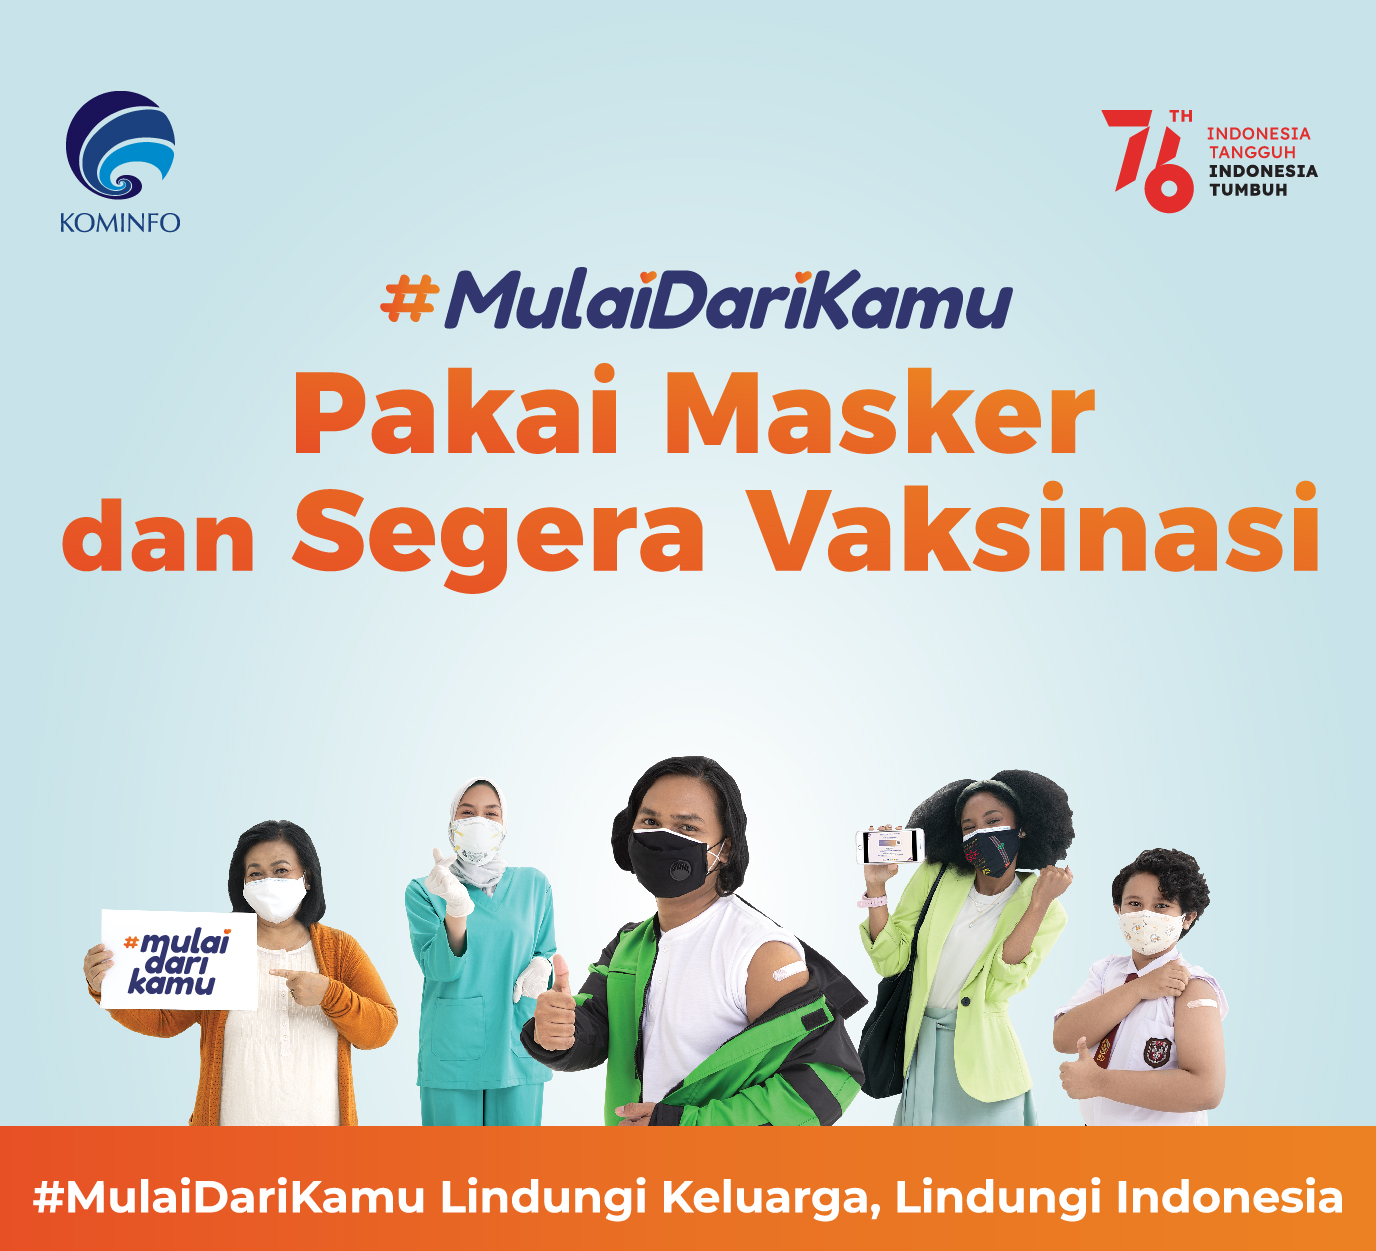 FA Digital Ads-MulaiDariKamu _330 x 300 px